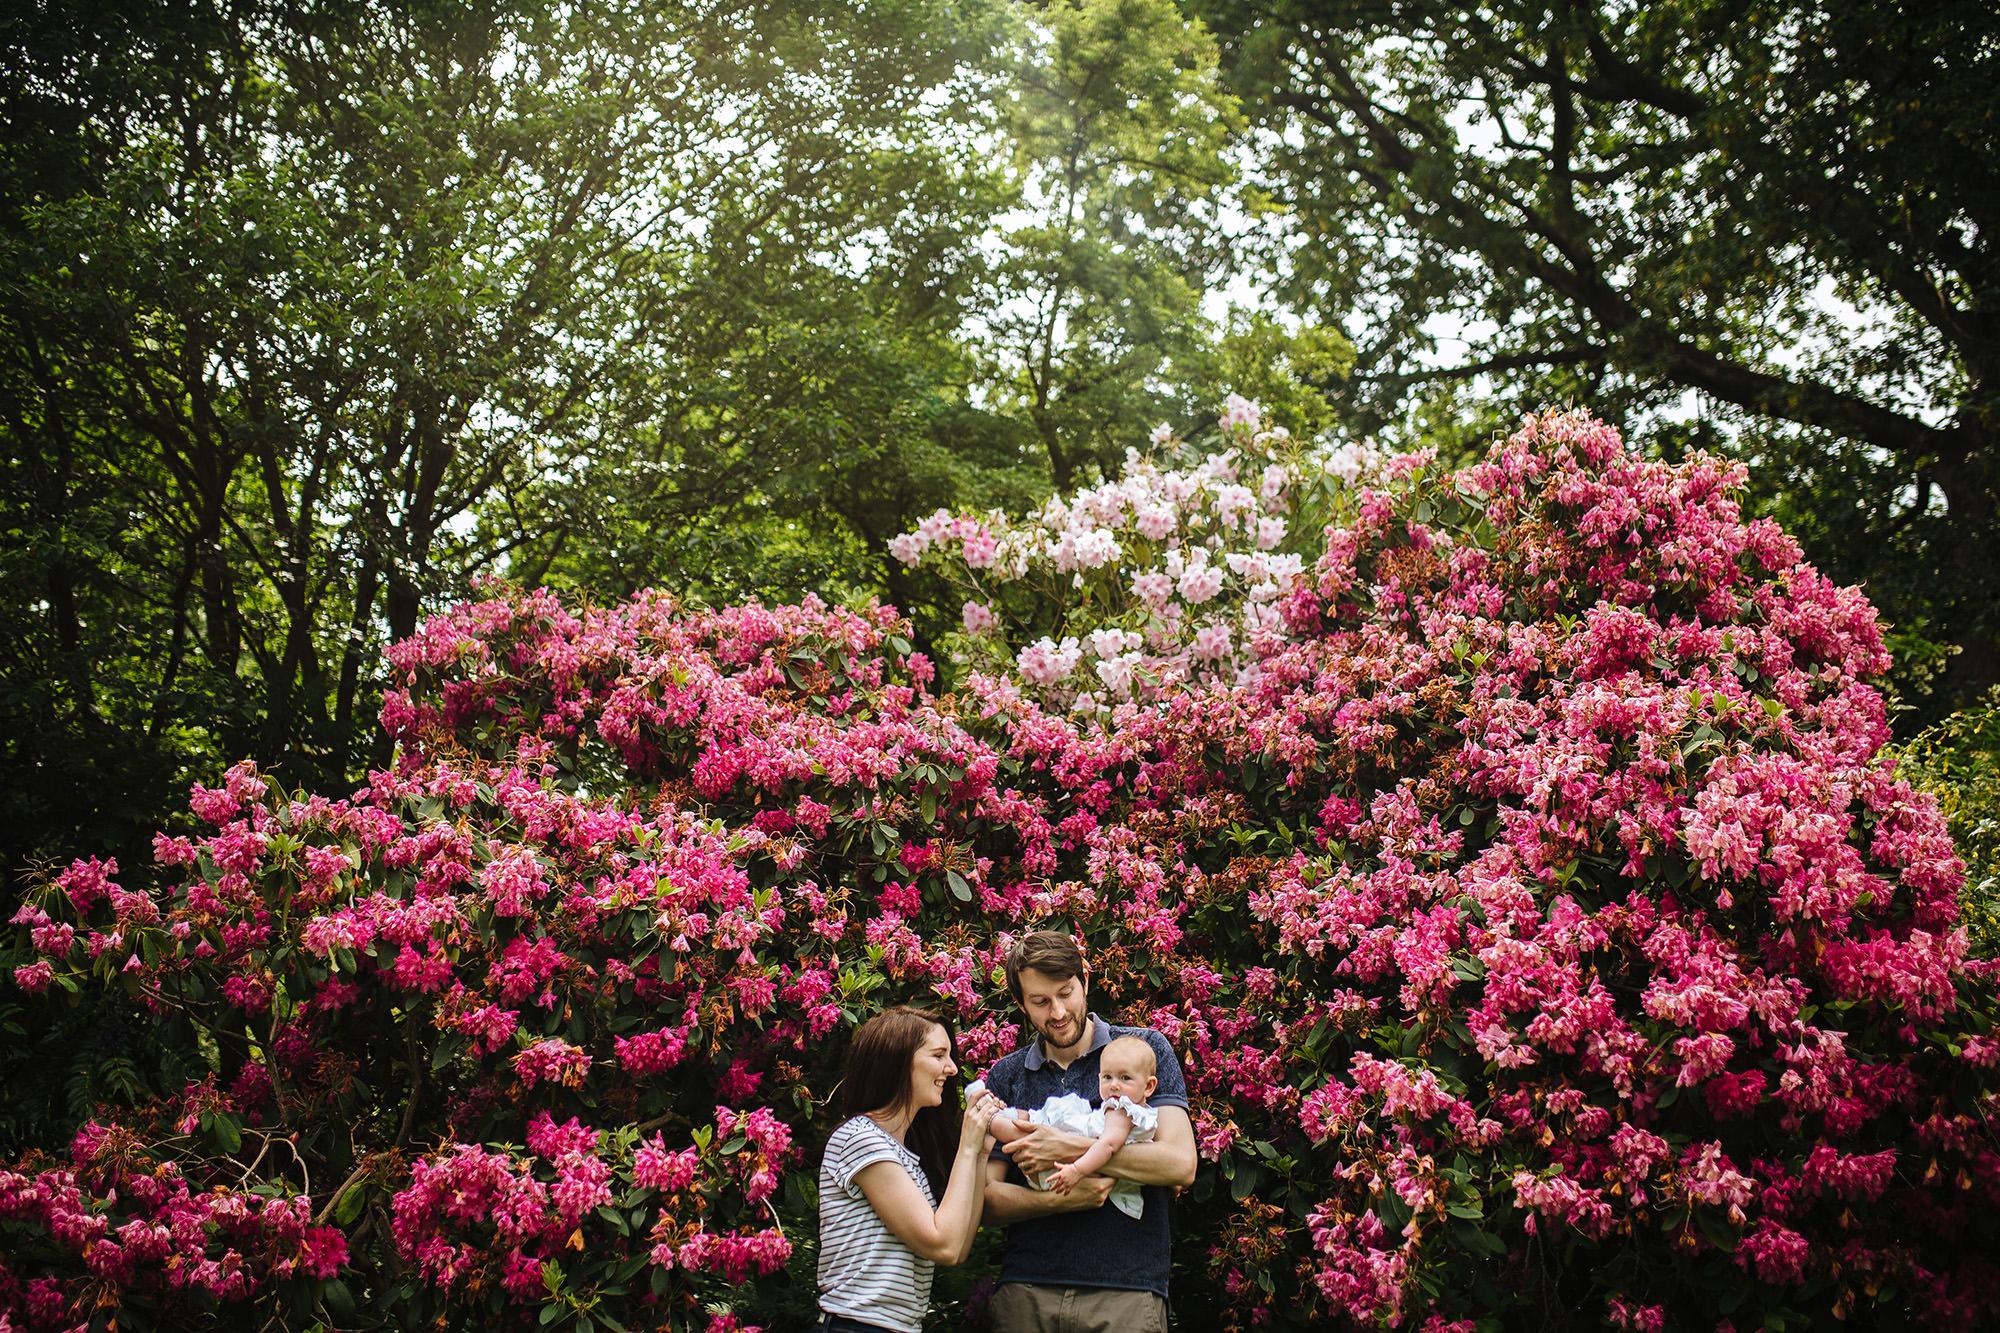 SHEFFIELD BOTANICAL GARDENS FAMILY PHOTOSHOOT00002.jpg